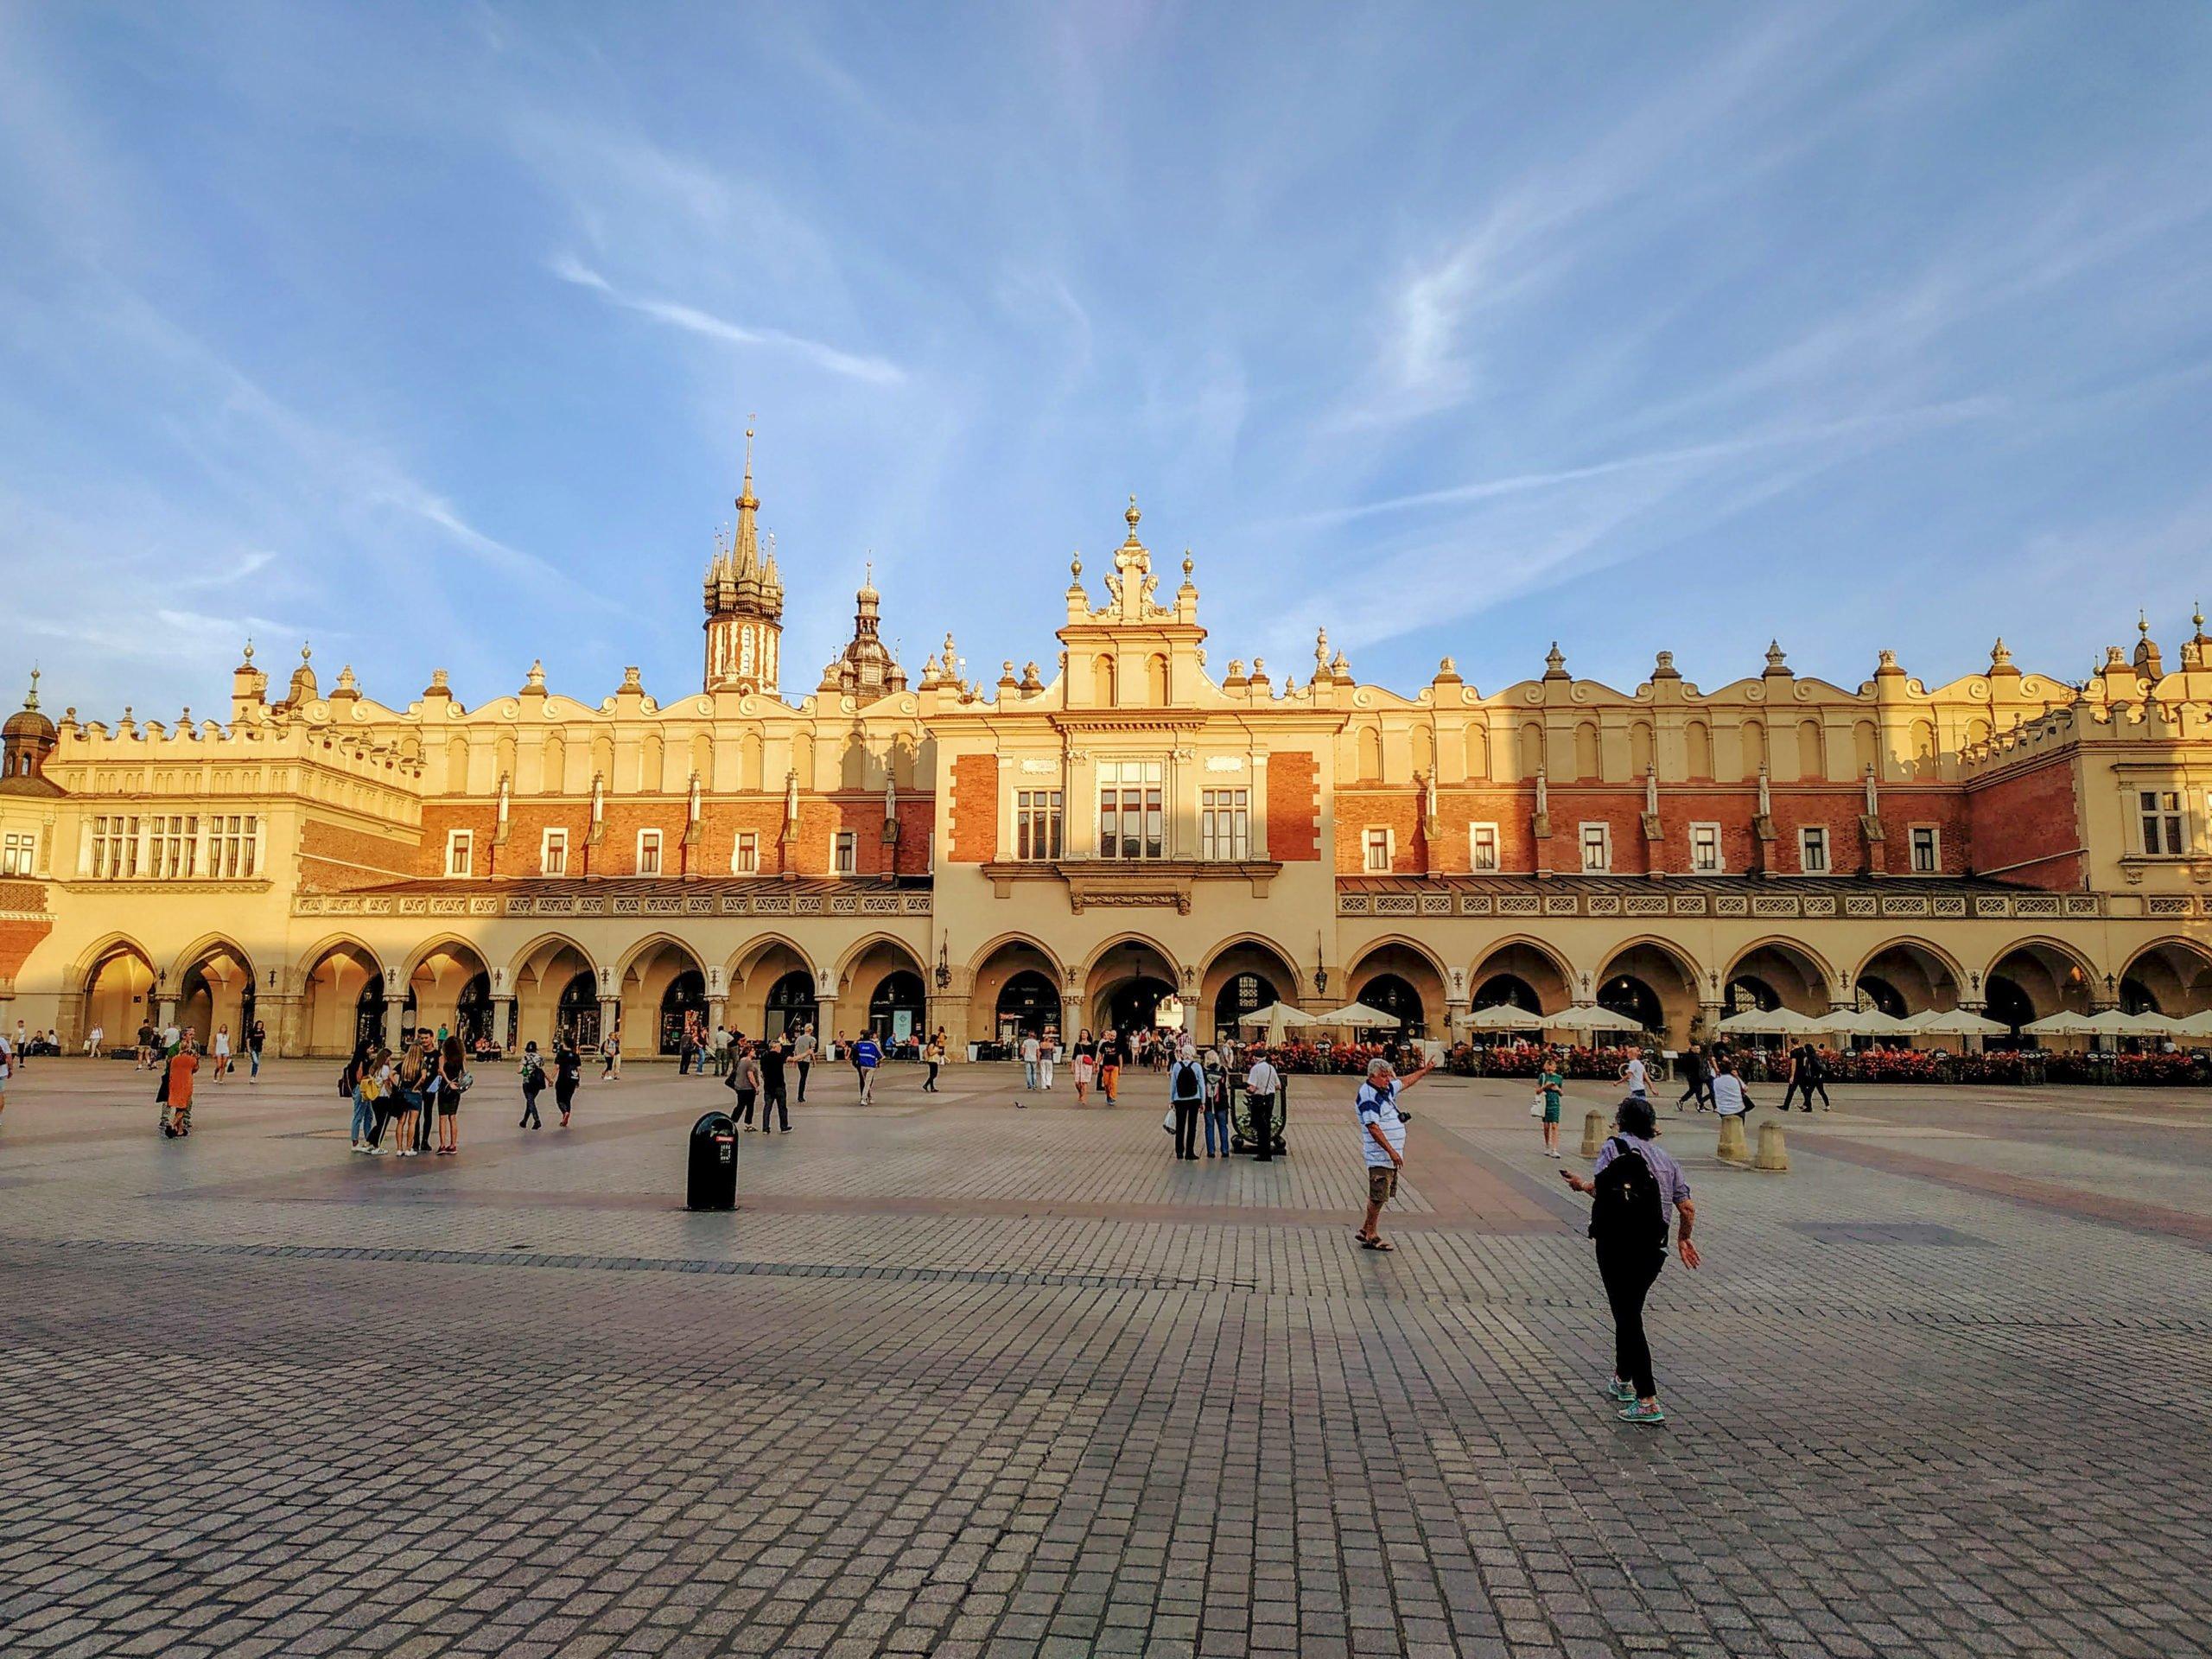 Krakow's Cloth Hall